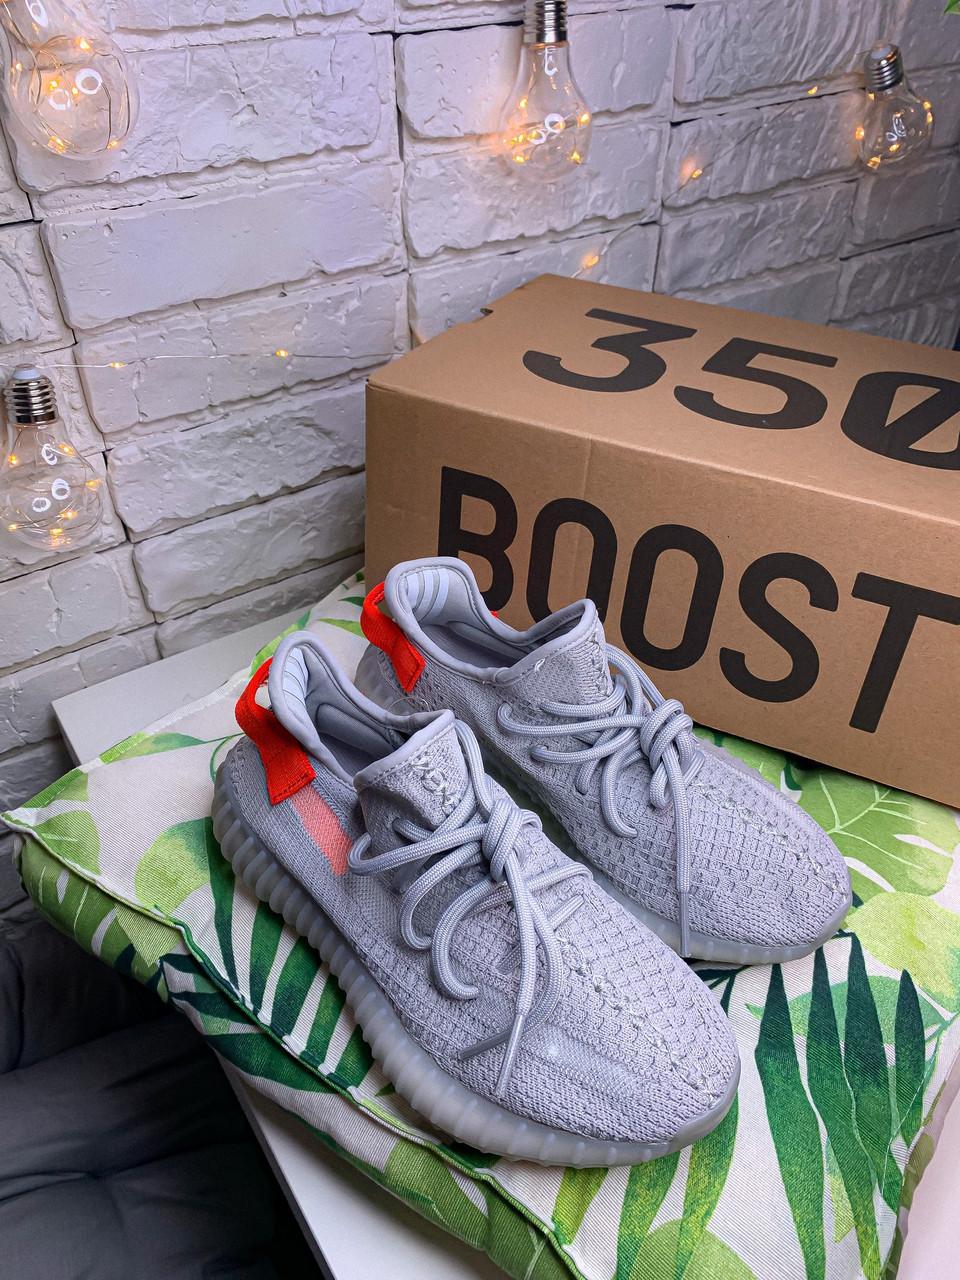 Женские кроссовки в стиле Adidas Yeezy Boost 350 v2 tail light, Адидас изи буст 350 (Реплика ААА)